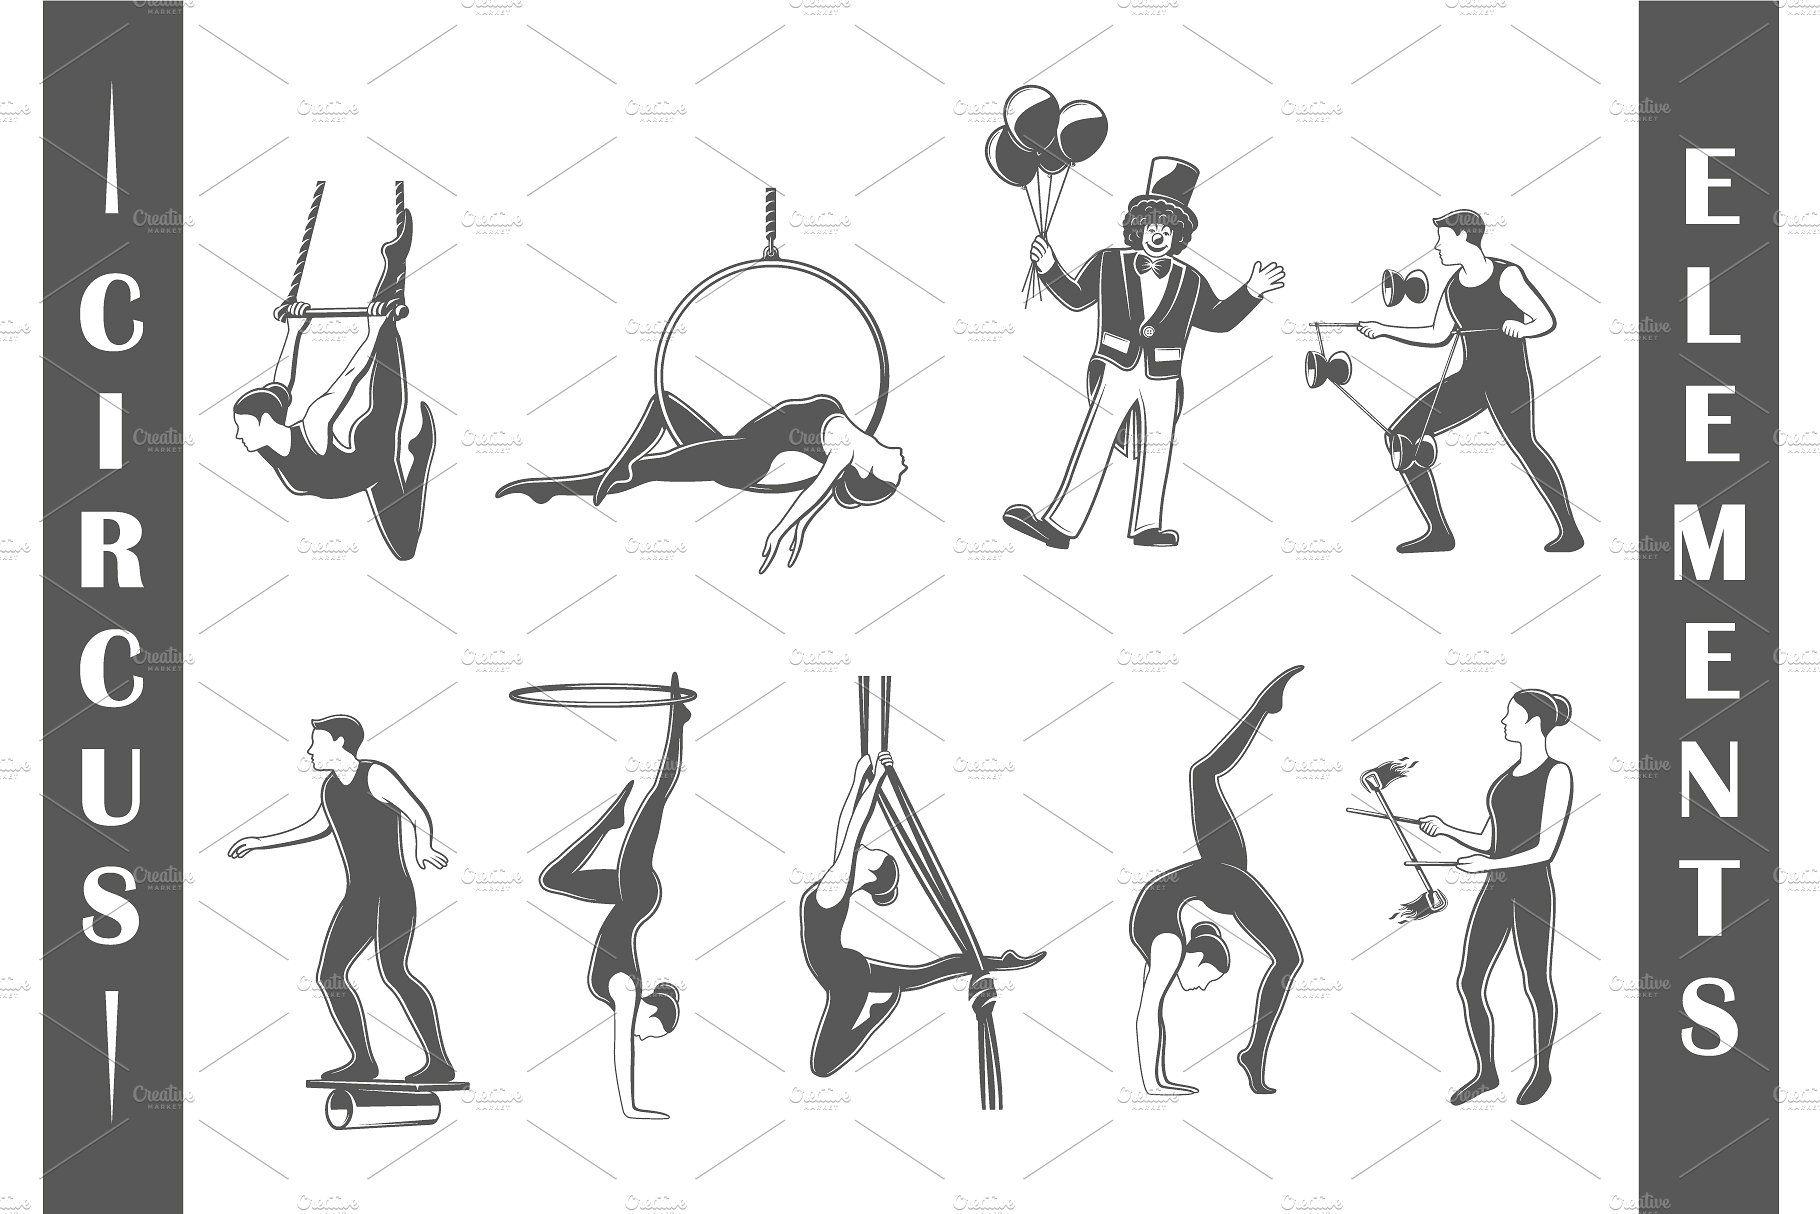 9 Circus Logos Templates Vol.1 easilyeditingtextchange